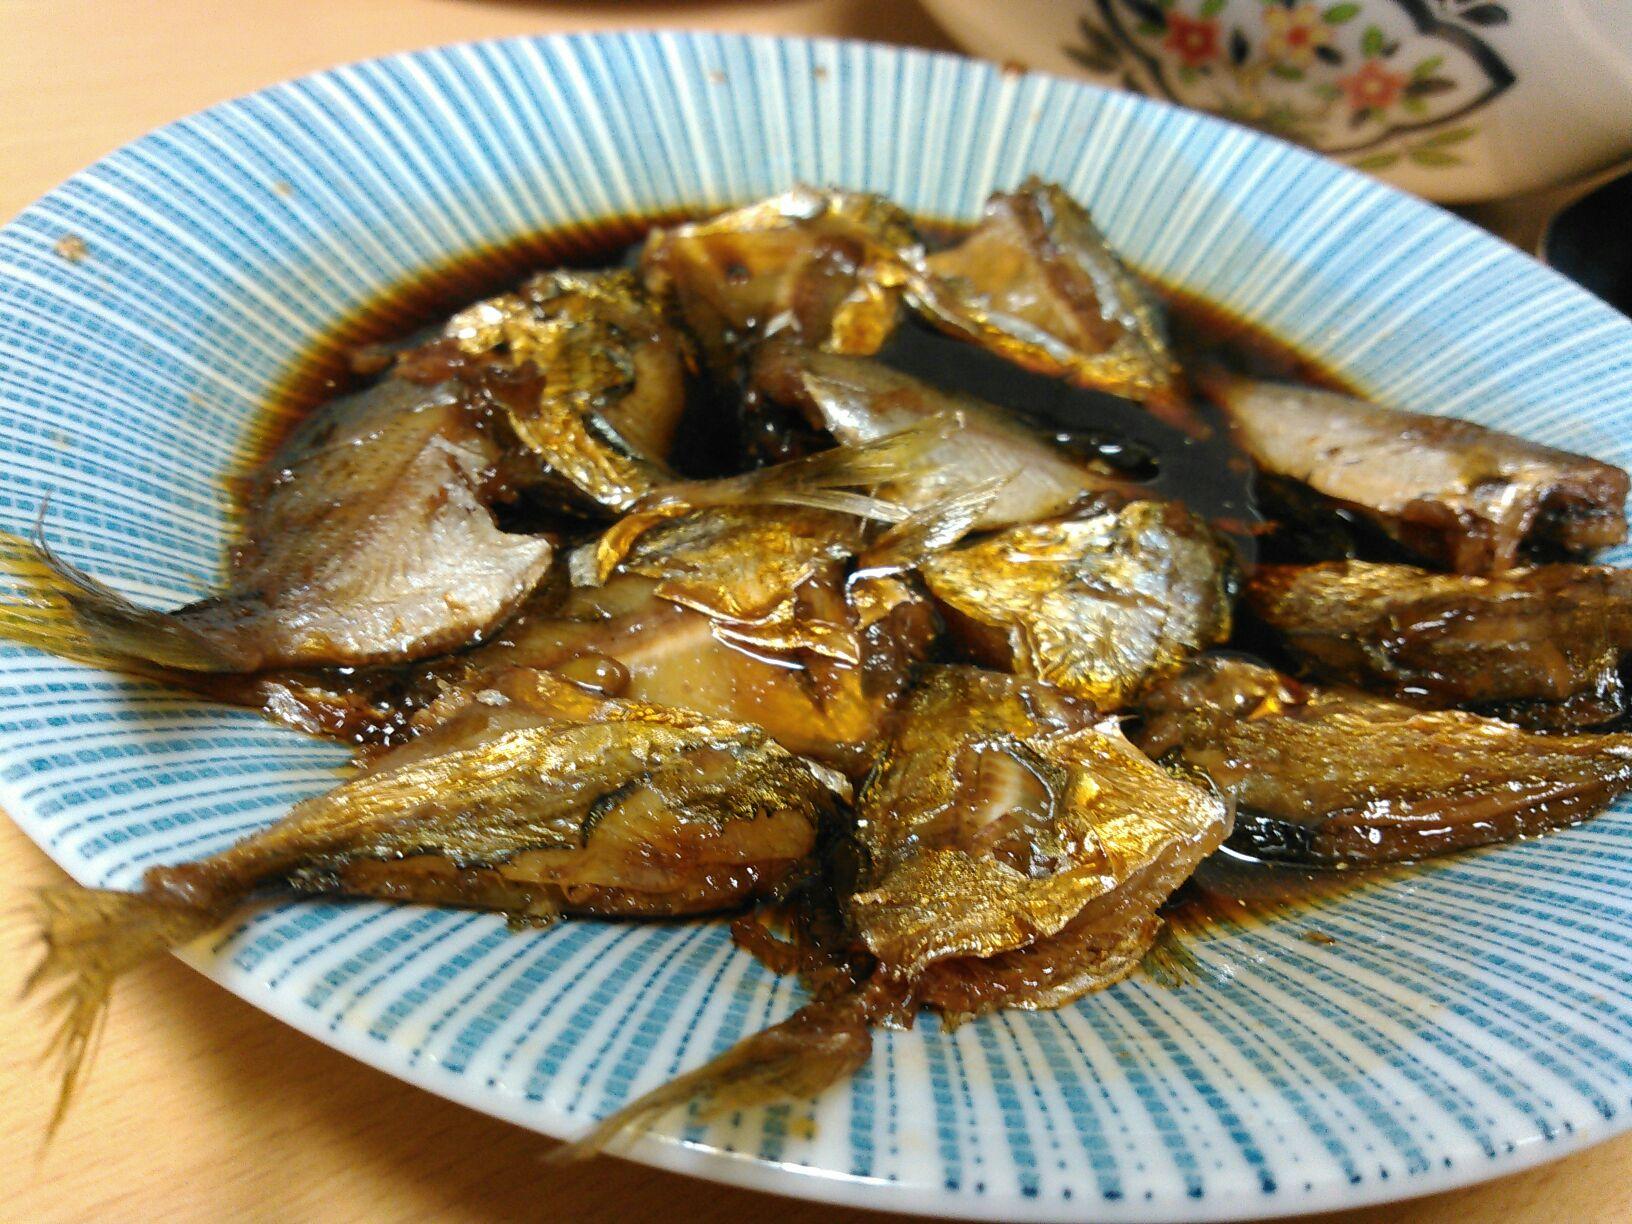 子供でも簡単に釣れるヒイラギ。実は美味しいお魚なんです!